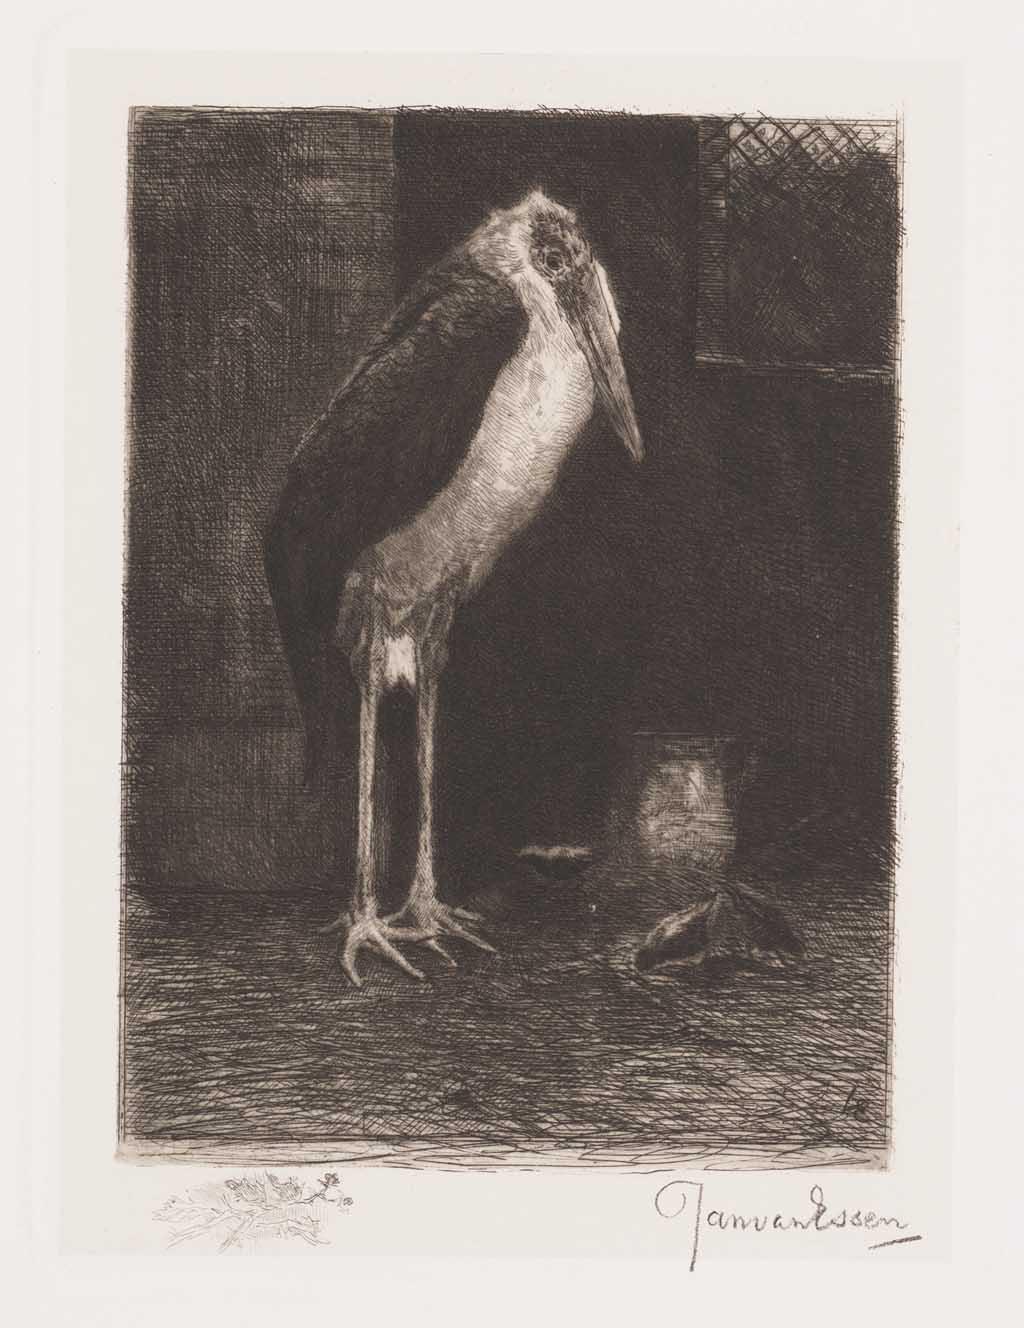 De Distel, etsen van Nederlandsche schilders, editie 1886 (afl. 11: Marabout)